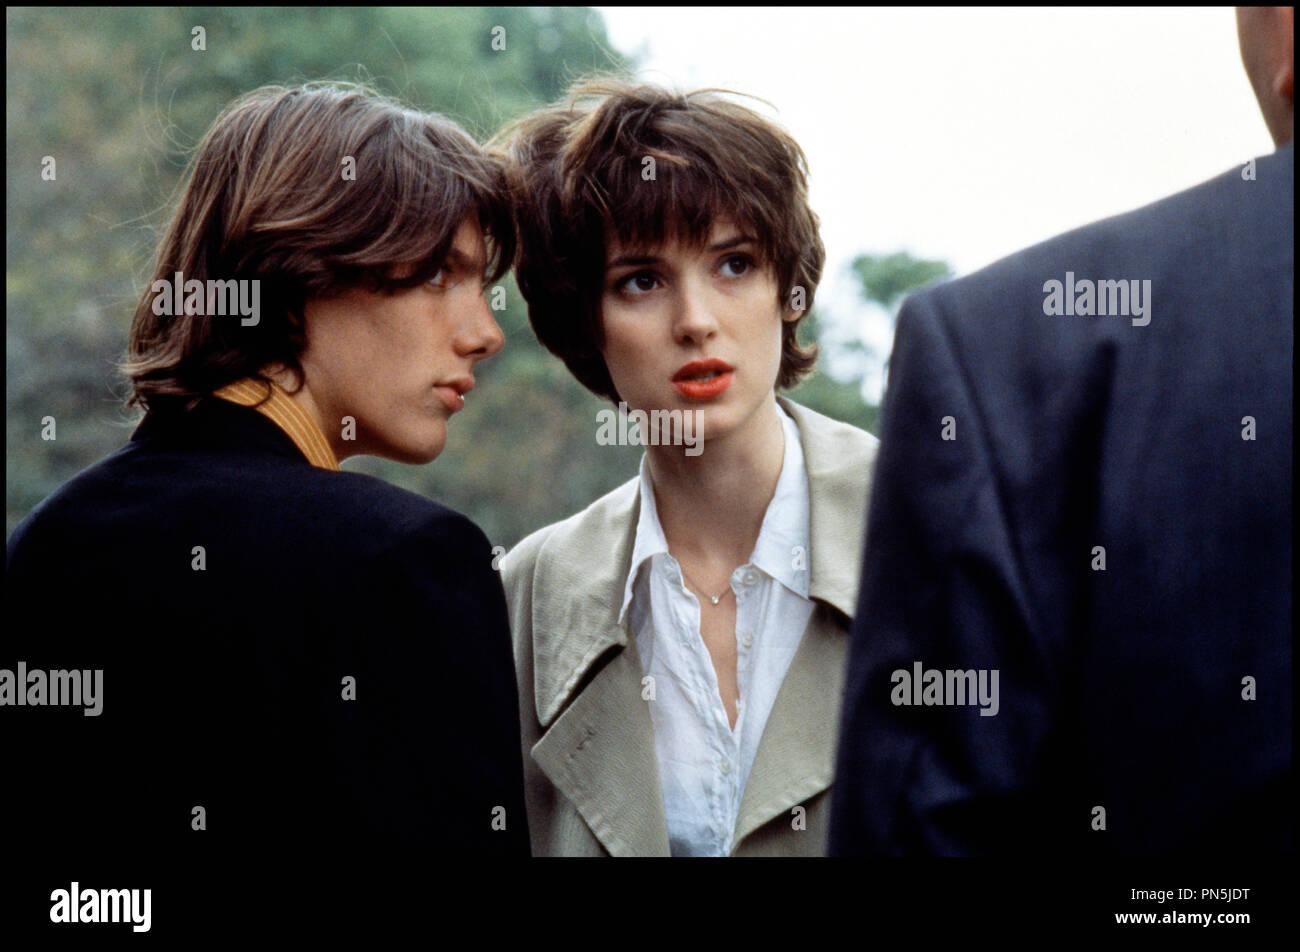 Dortoir Stock Photos & Dortoir Stock Images - Alamy